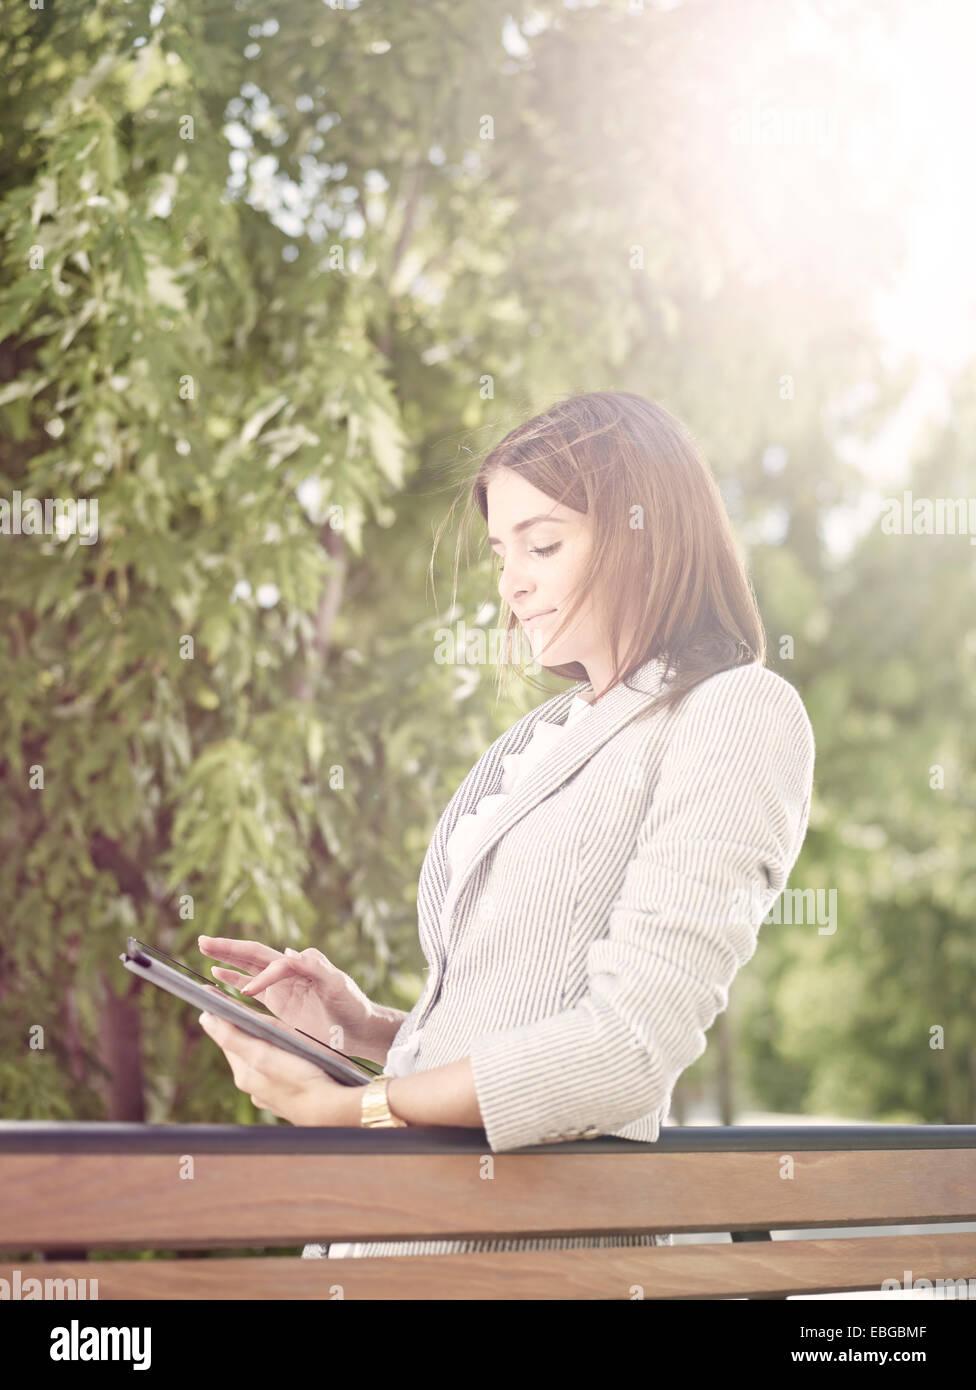 Femme portant un costume d'affaires avec un ordinateur tablette debout derrière un banc de parc, Innsbruck, Tyrol, Autriche Banque D'Images